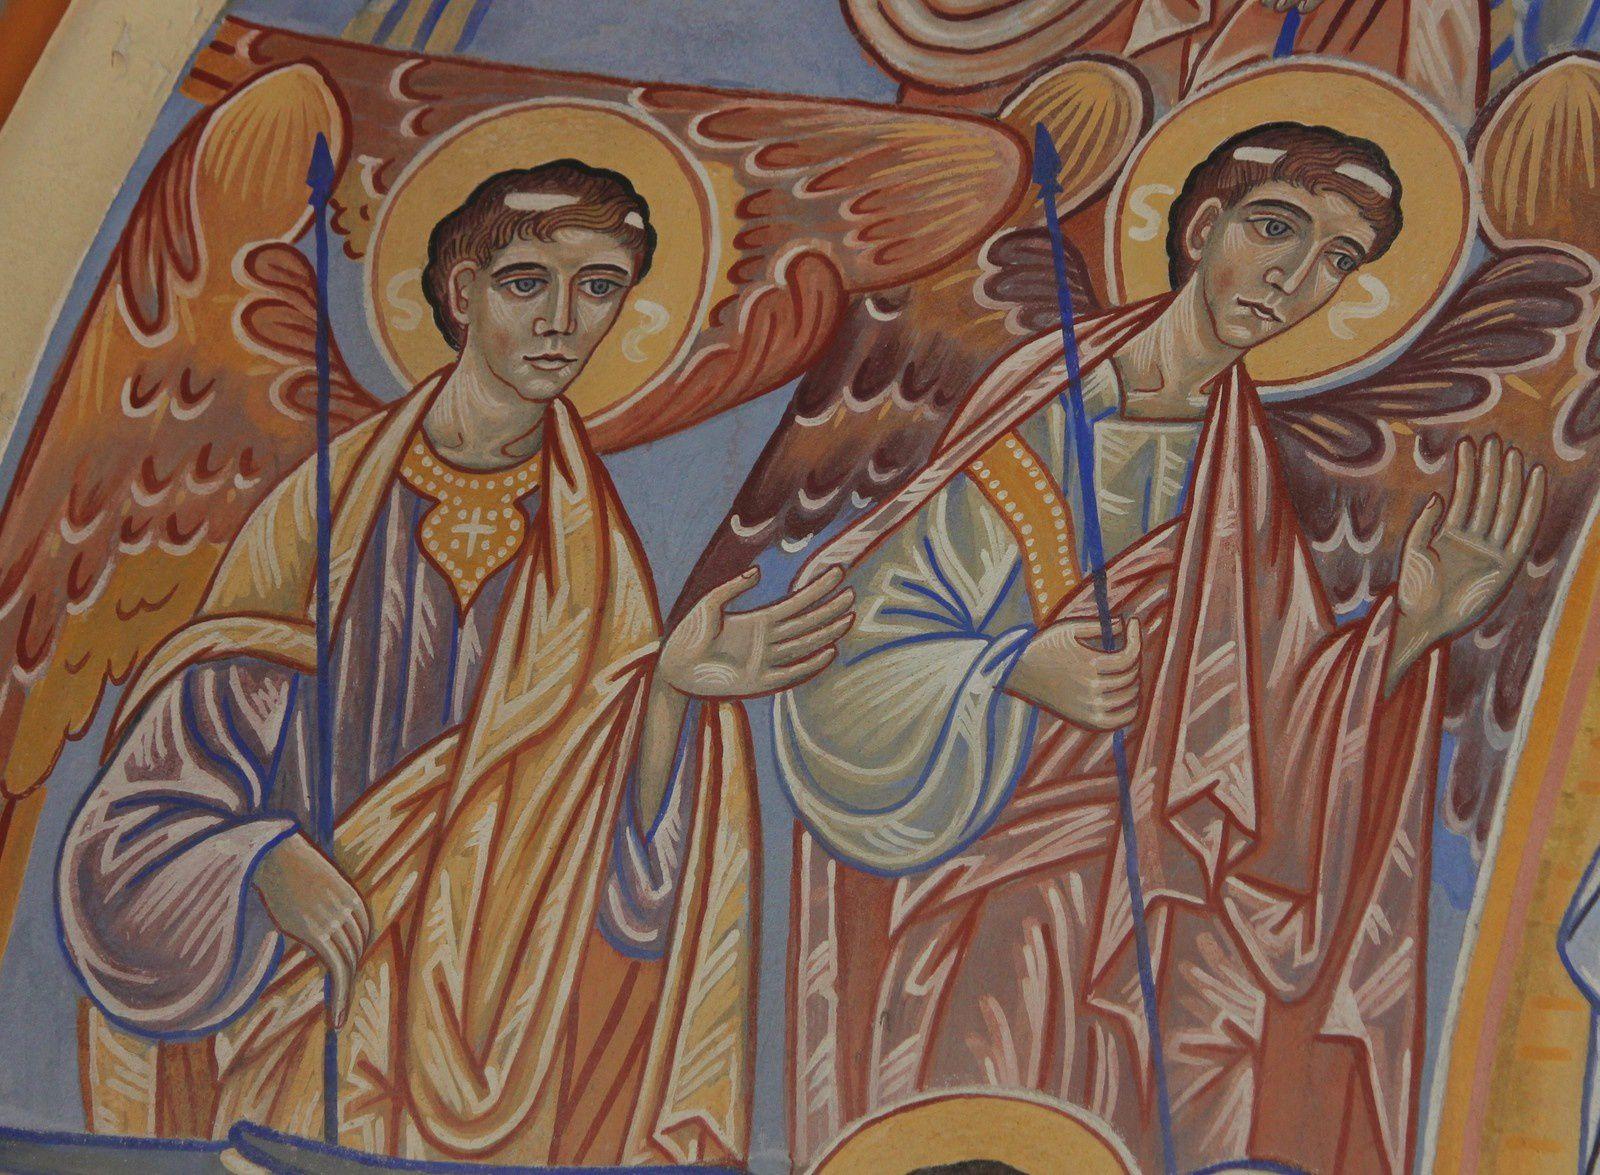 Les anges de Nicolas Greshny. Eglise de Saint-Pierre. Oléron.